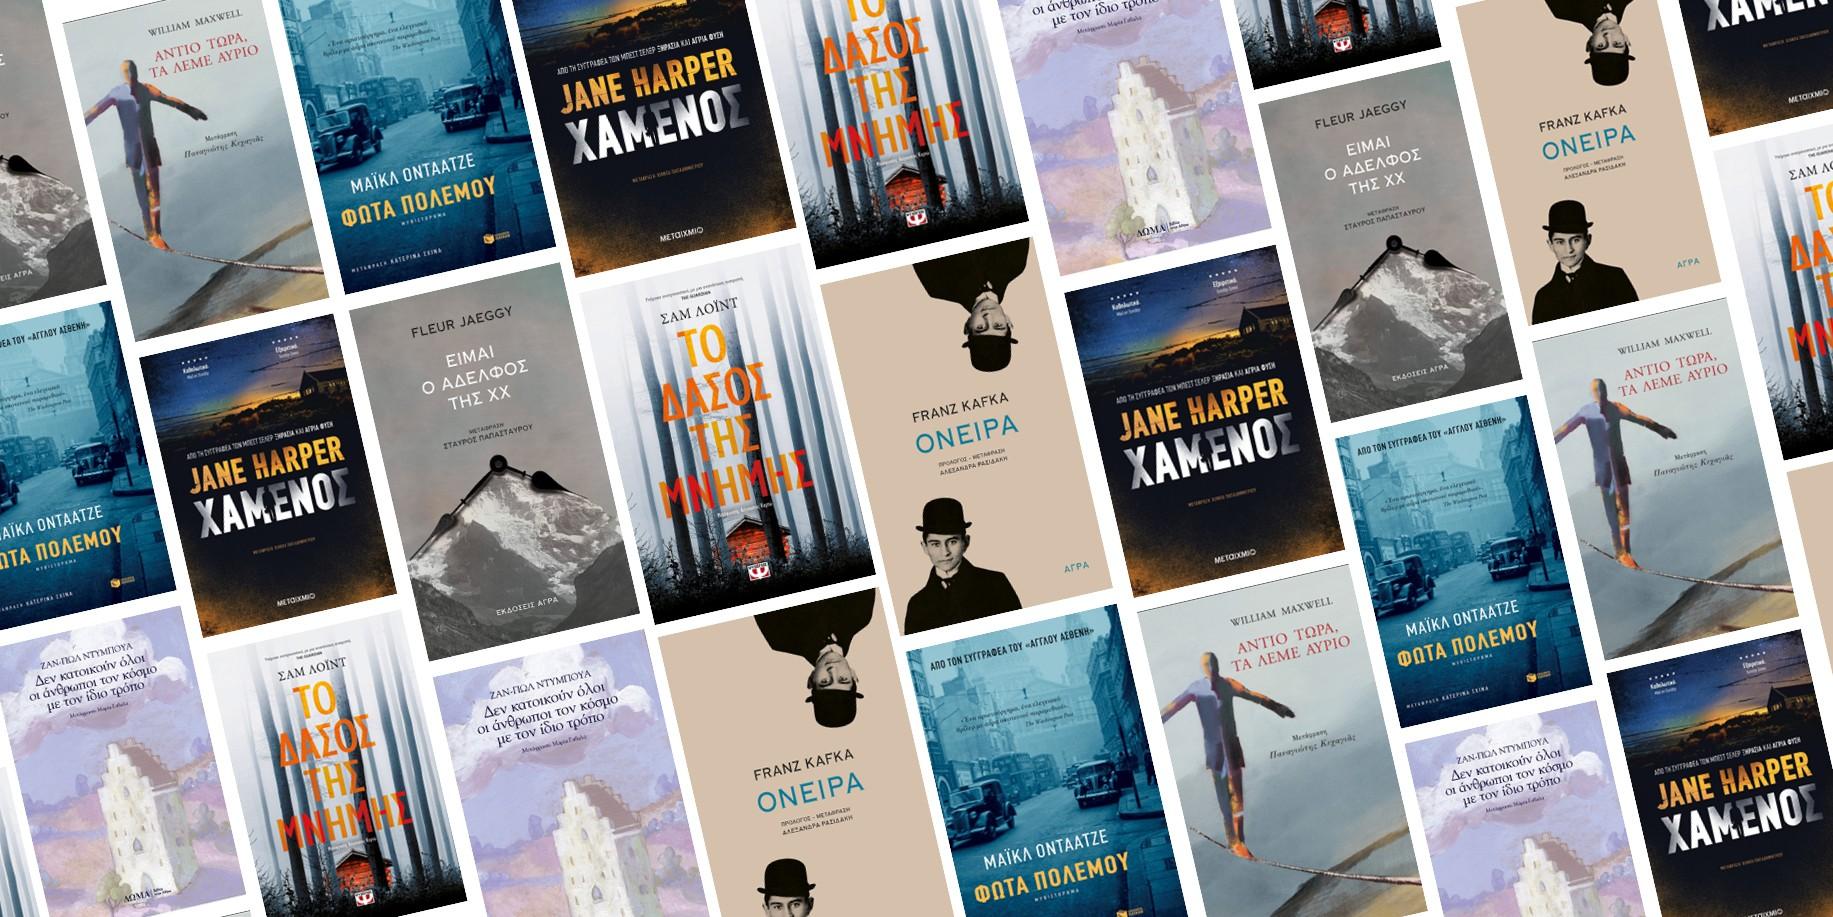 7 βιβλία που θα κάνουν τον Ιούλιο πιο απολαυστικό